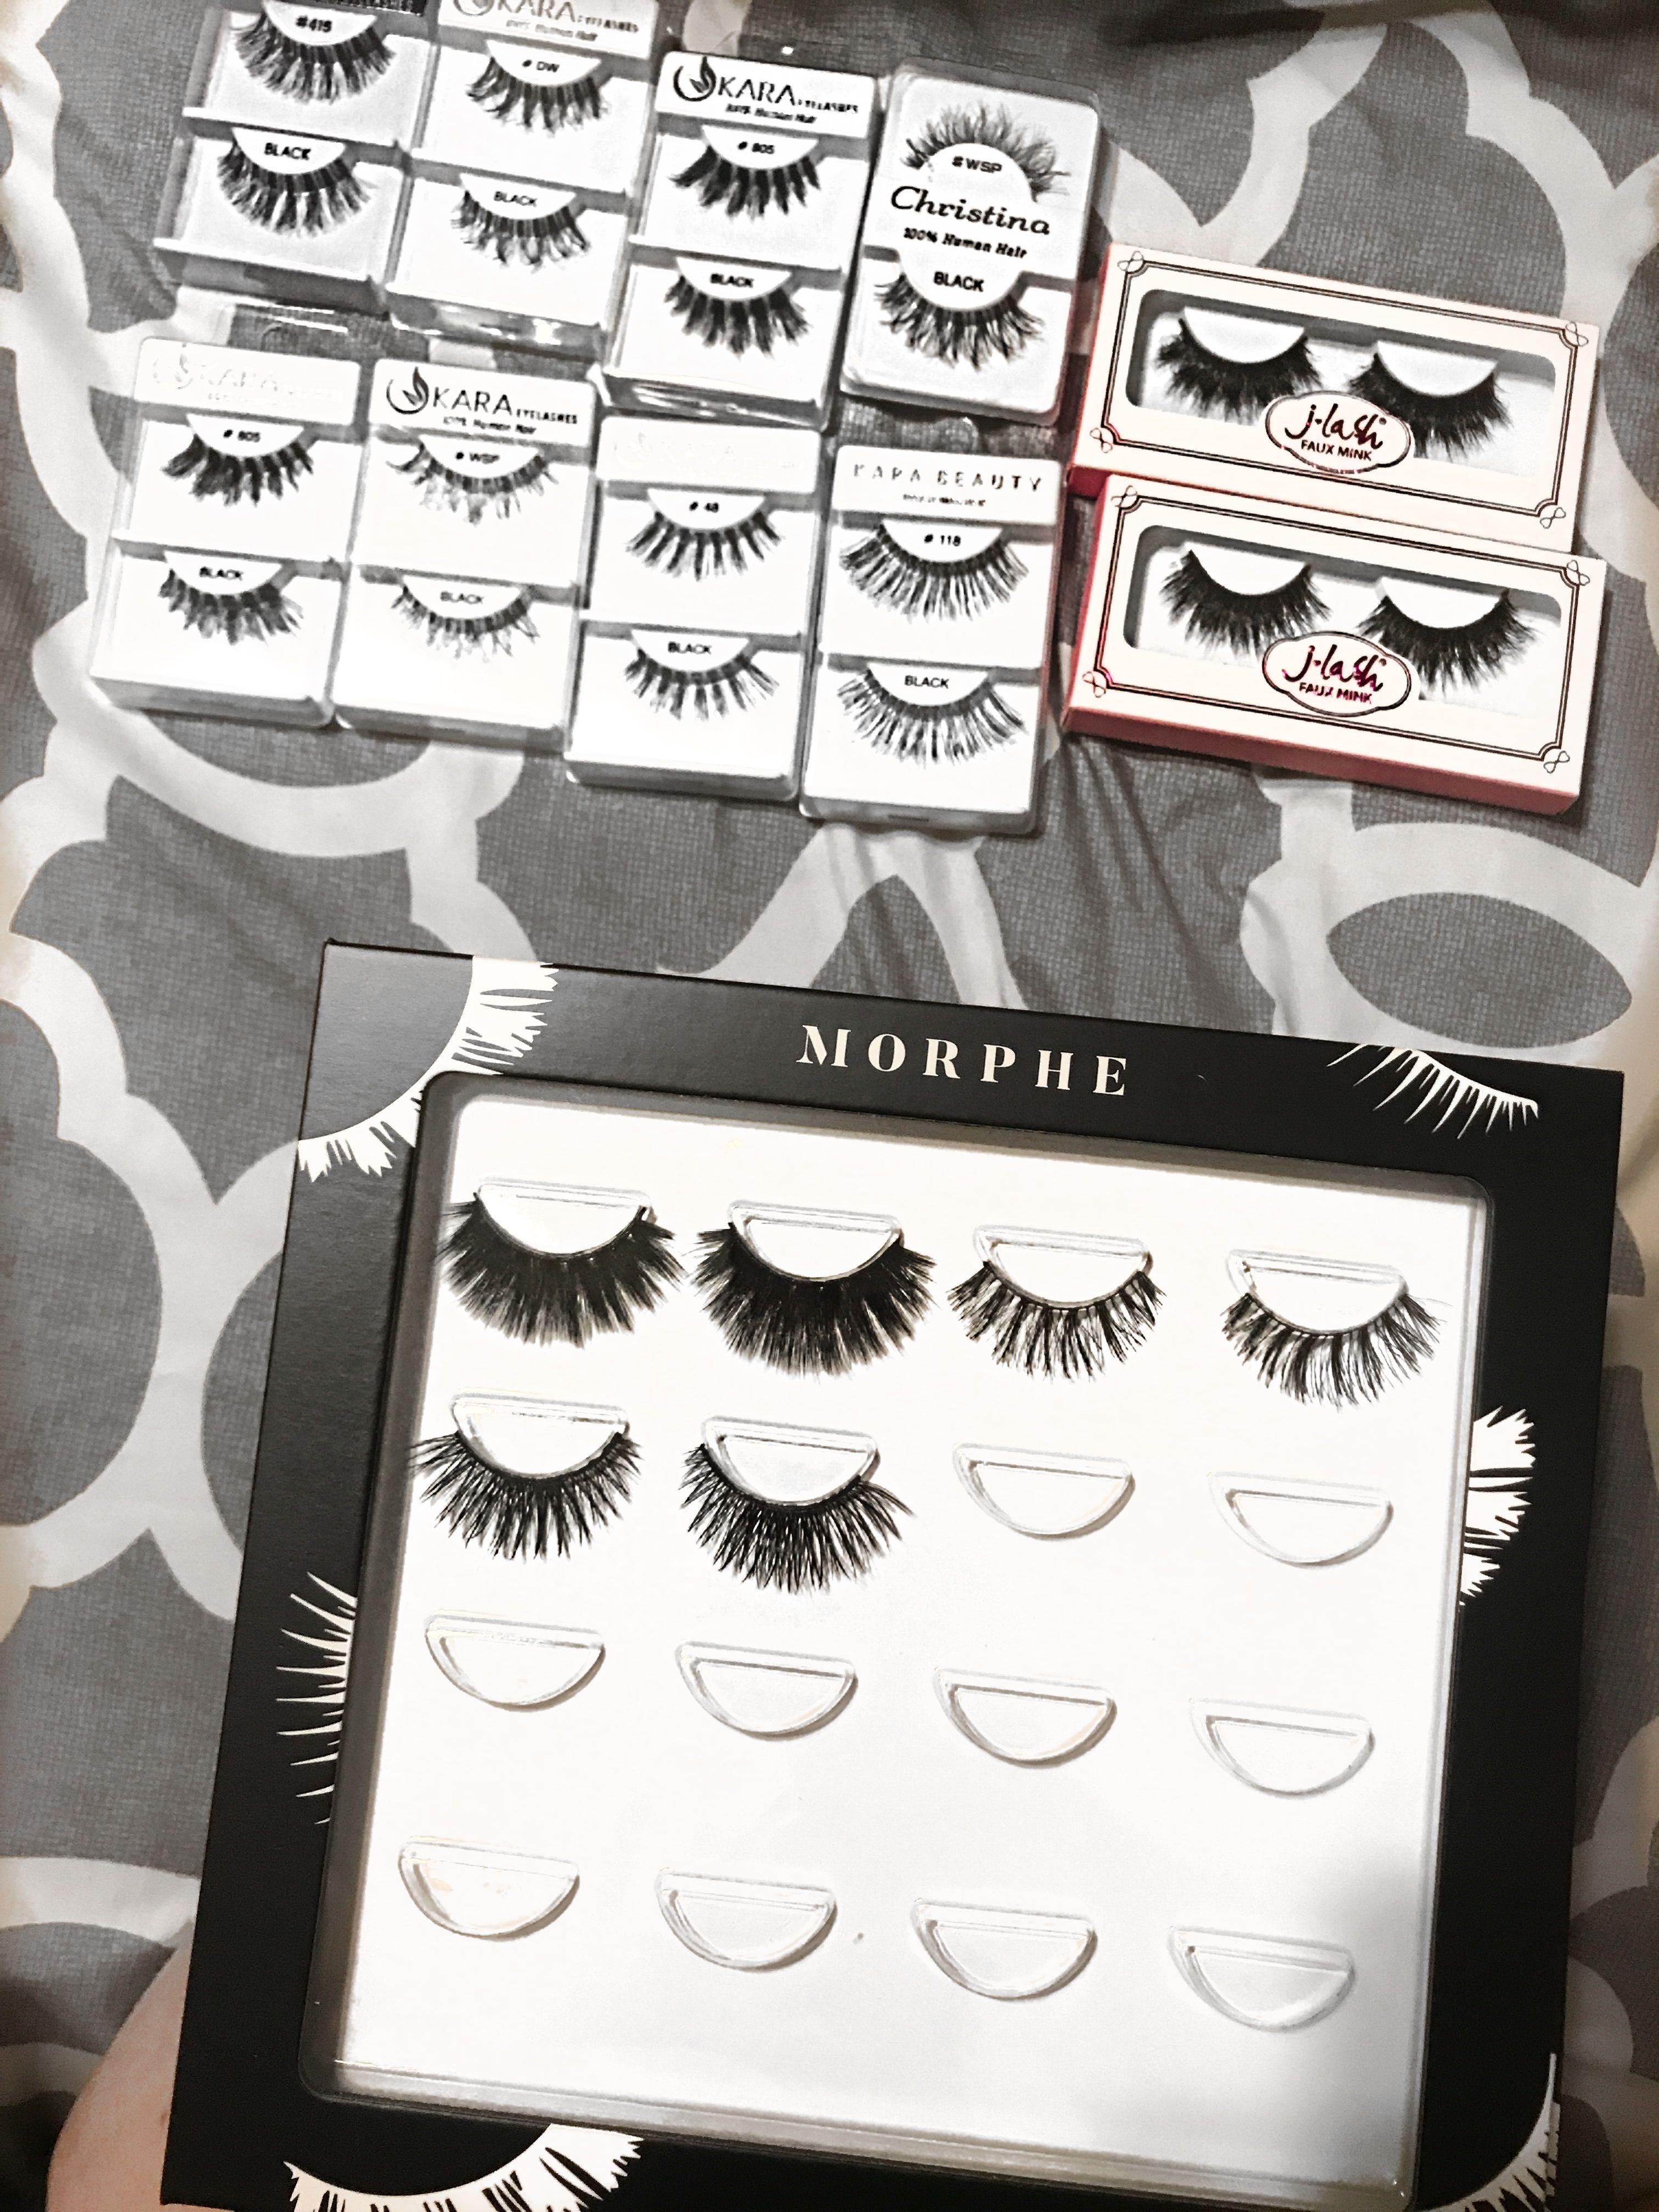 Morphe Lash Book Books Morphe Eyelashes Alibaba.com offers 1,006 morphe brushes products. morphe lash book books morphe eyelashes